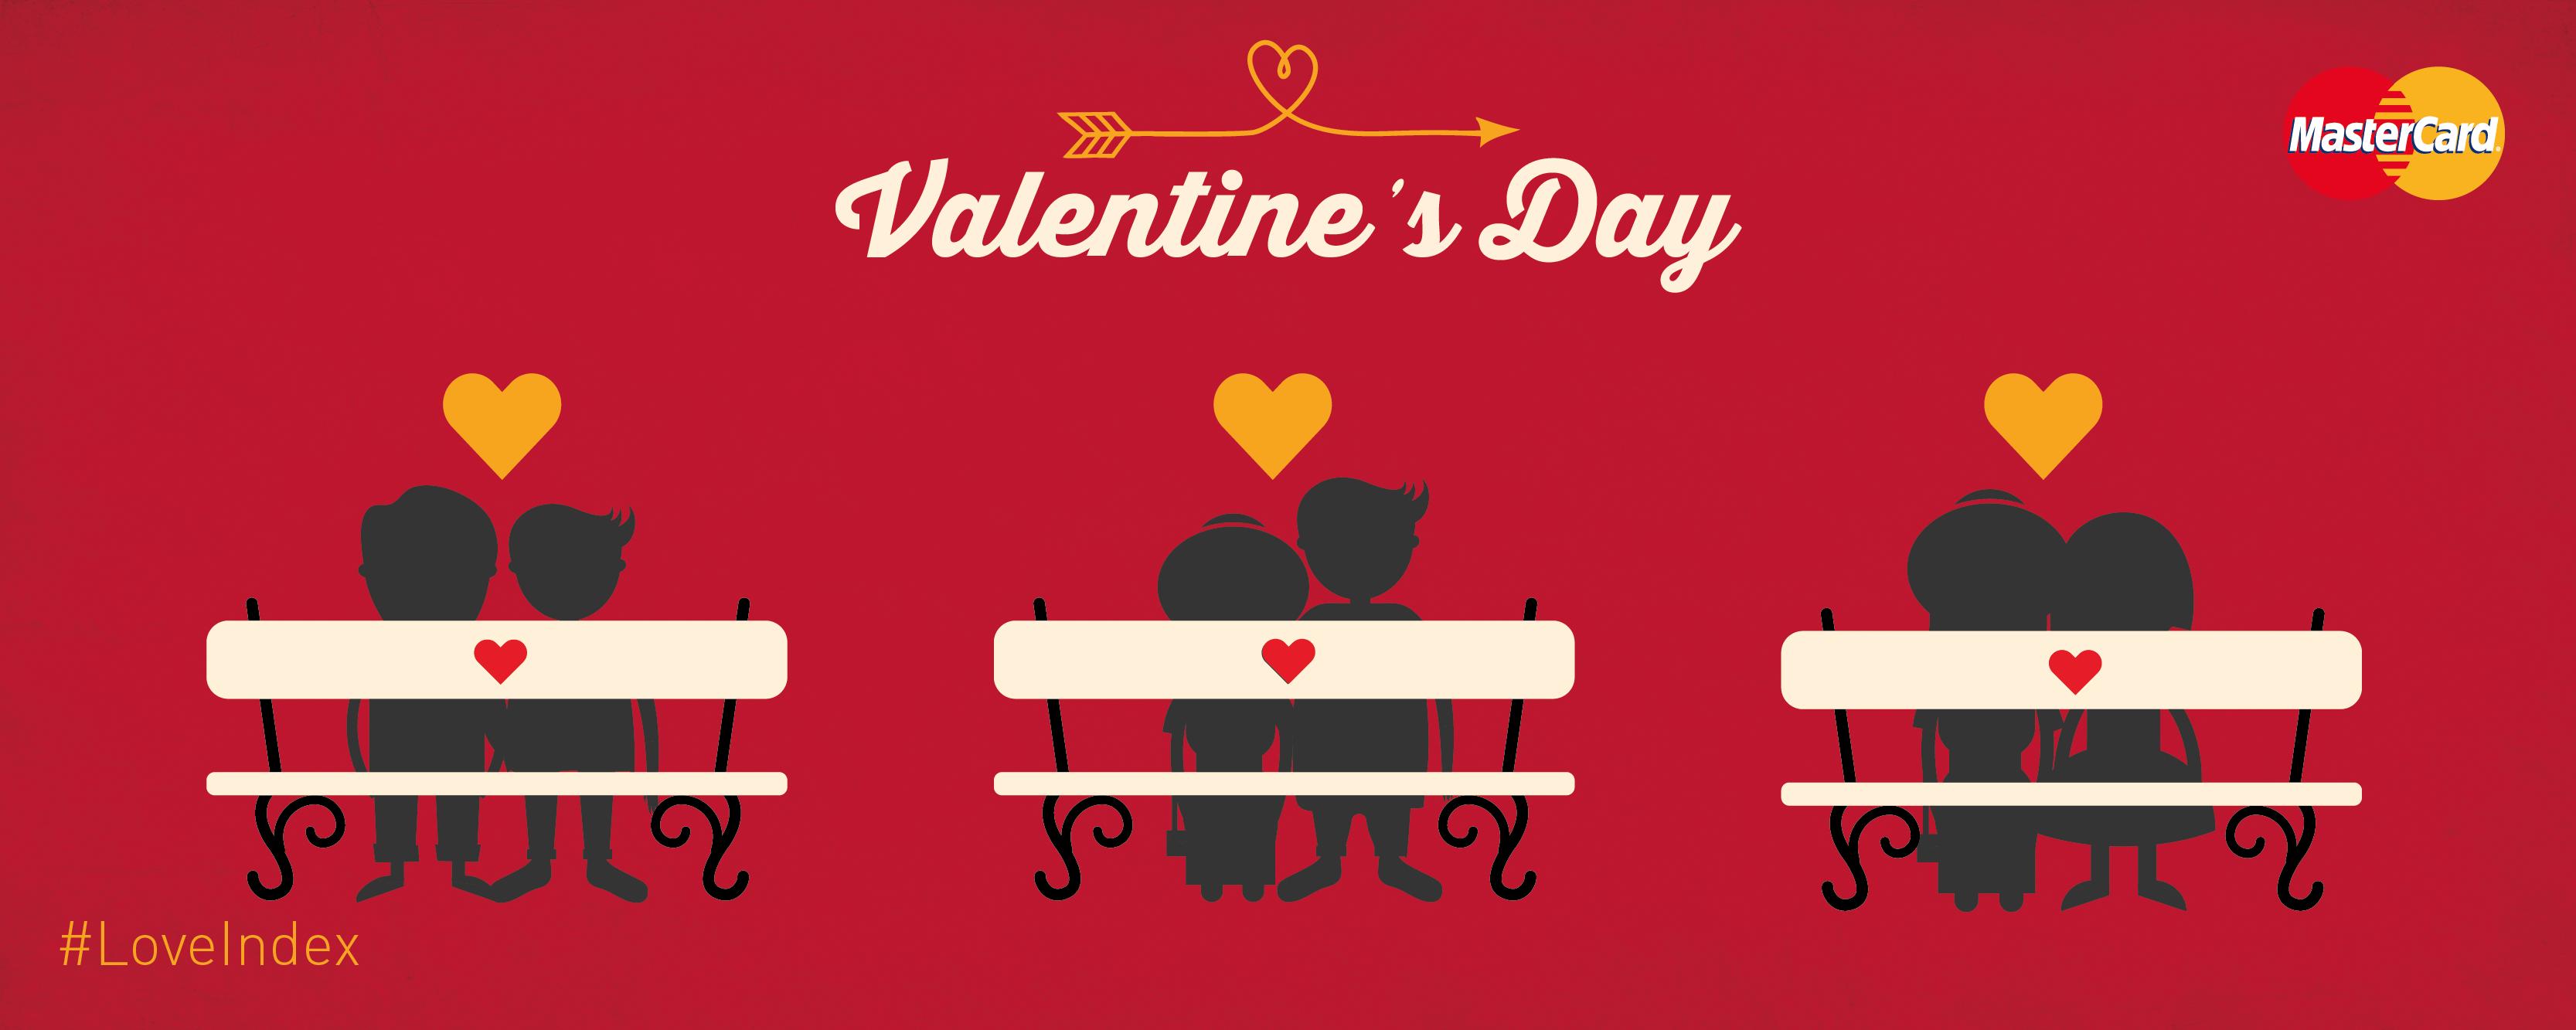 MC_Valentine_Twitter_01